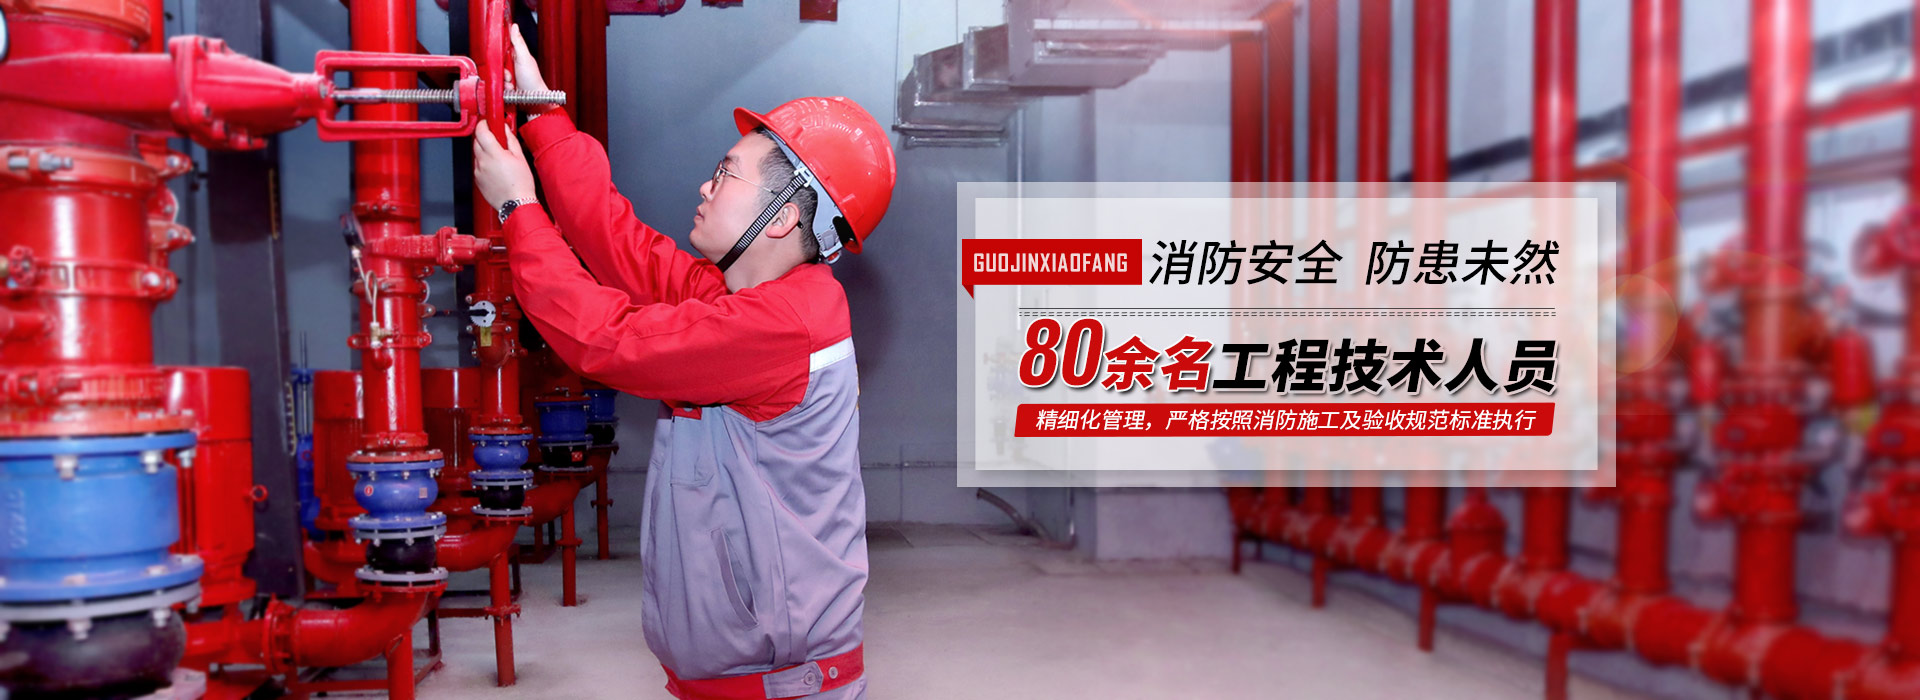 国晋消防,精细化管理,严格按照消防施工及验收规范标准执行